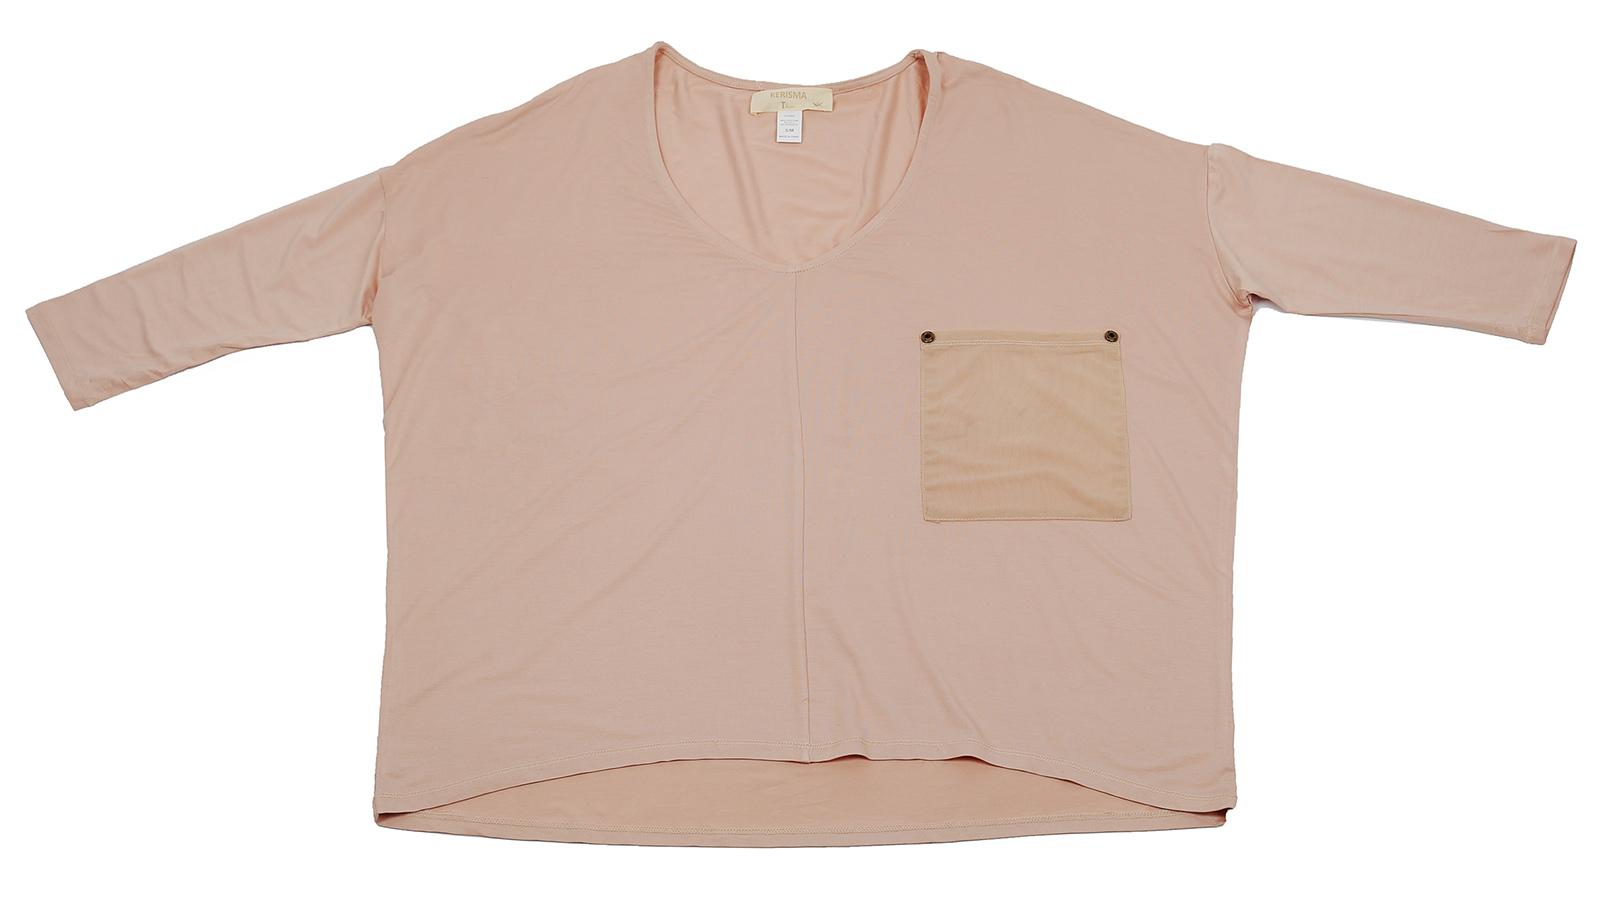 Необыкновенная кофточка Karima: нежный цвет, модный дизайн. Красавицы, заказывайте!